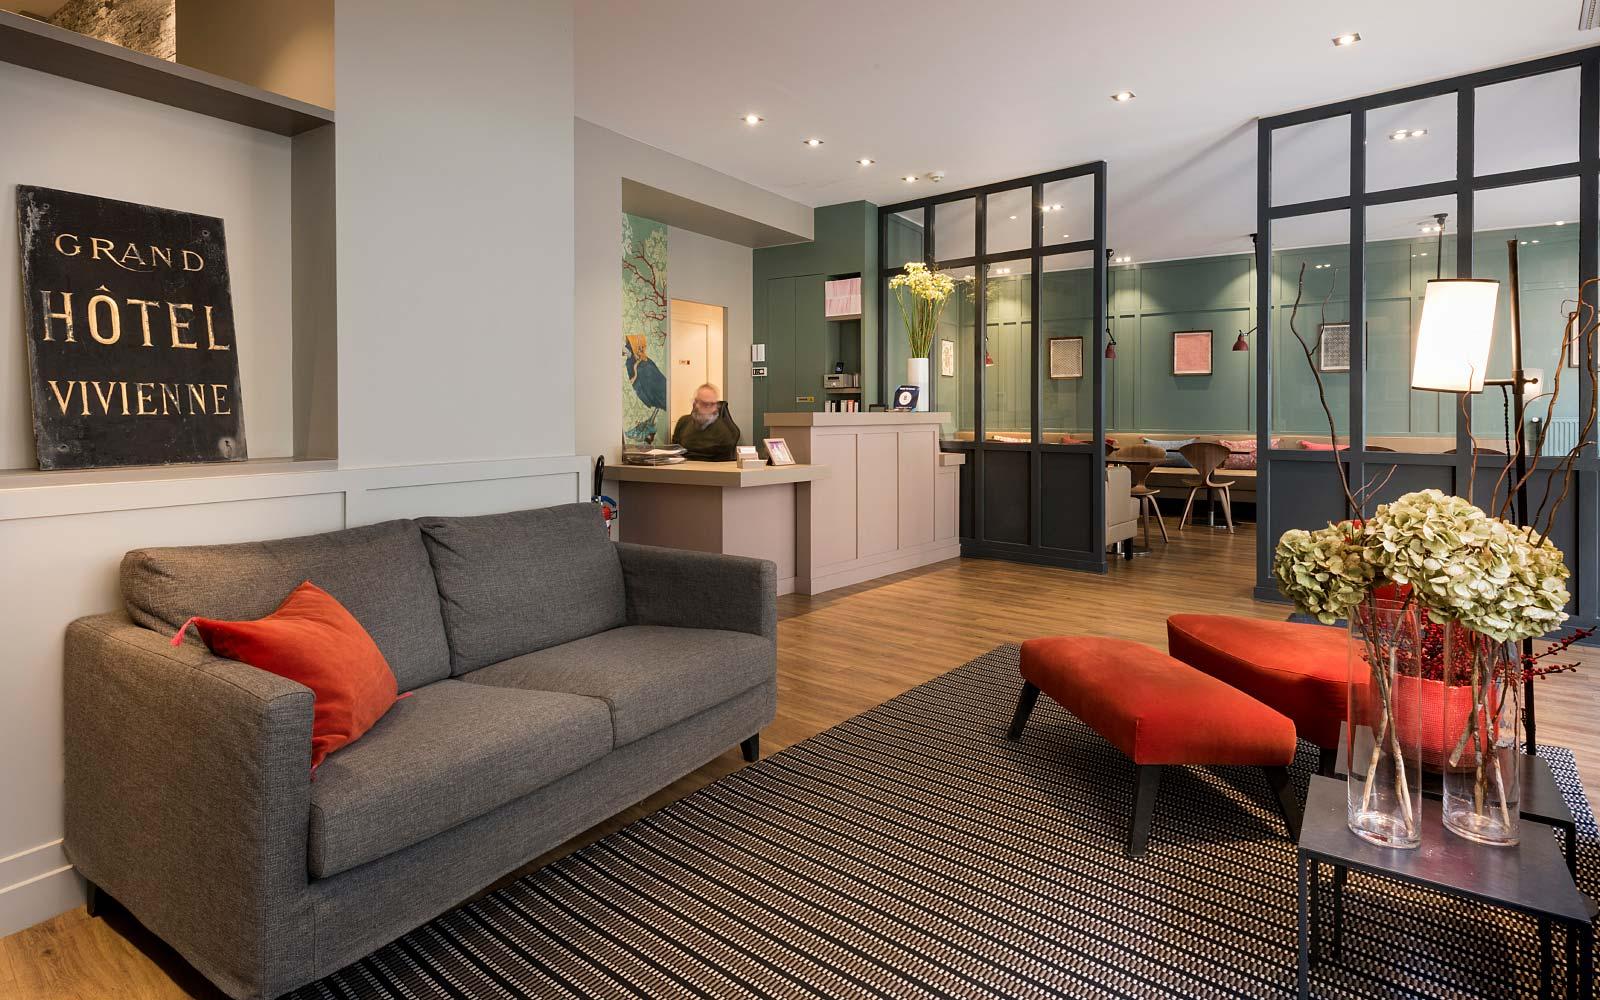 H tel vivienne op ra paris site officiel hotel for Comparateur hotel paris prix